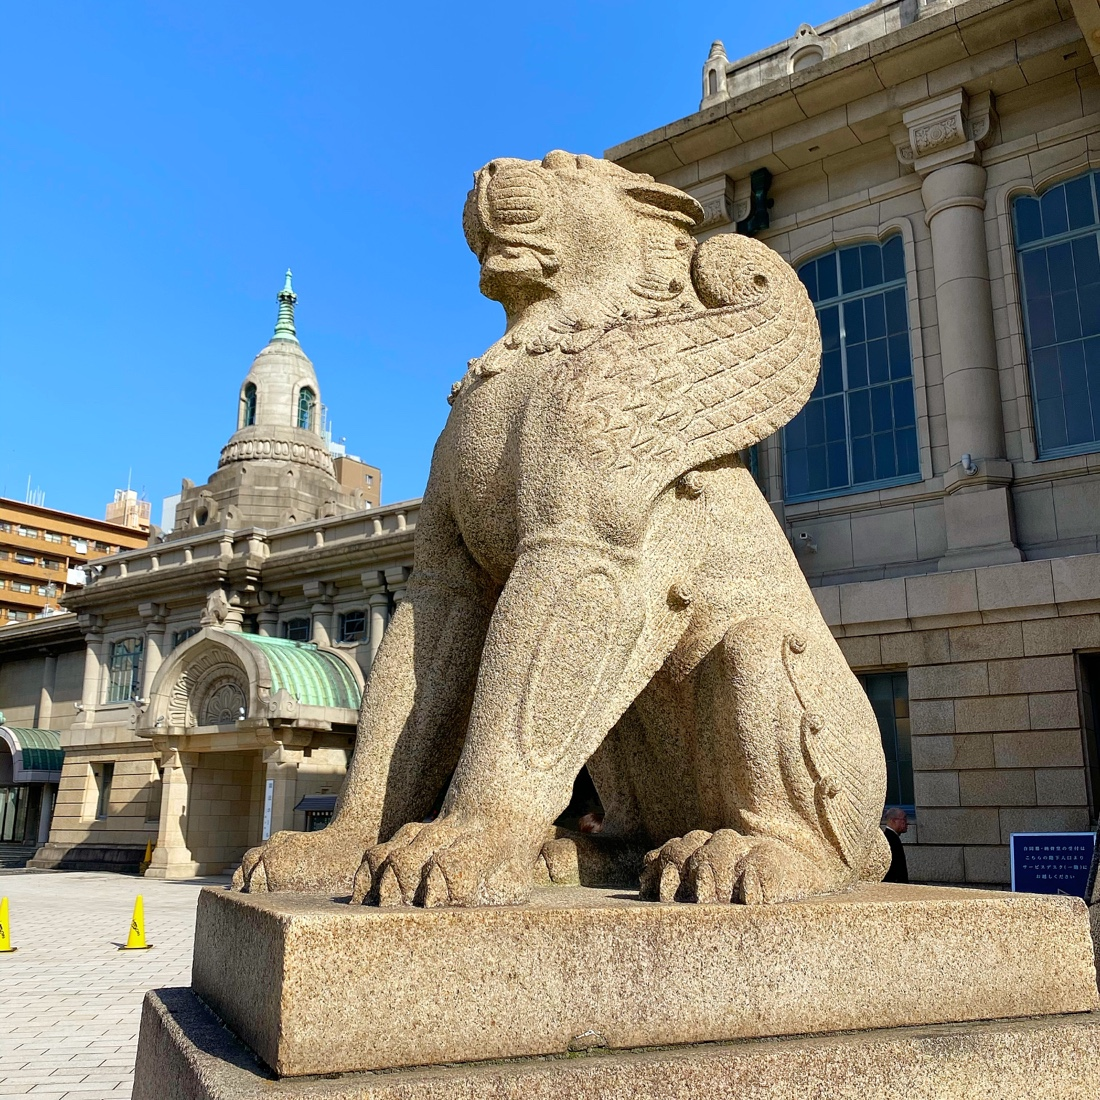 築地本願寺の羽の生えたライオン